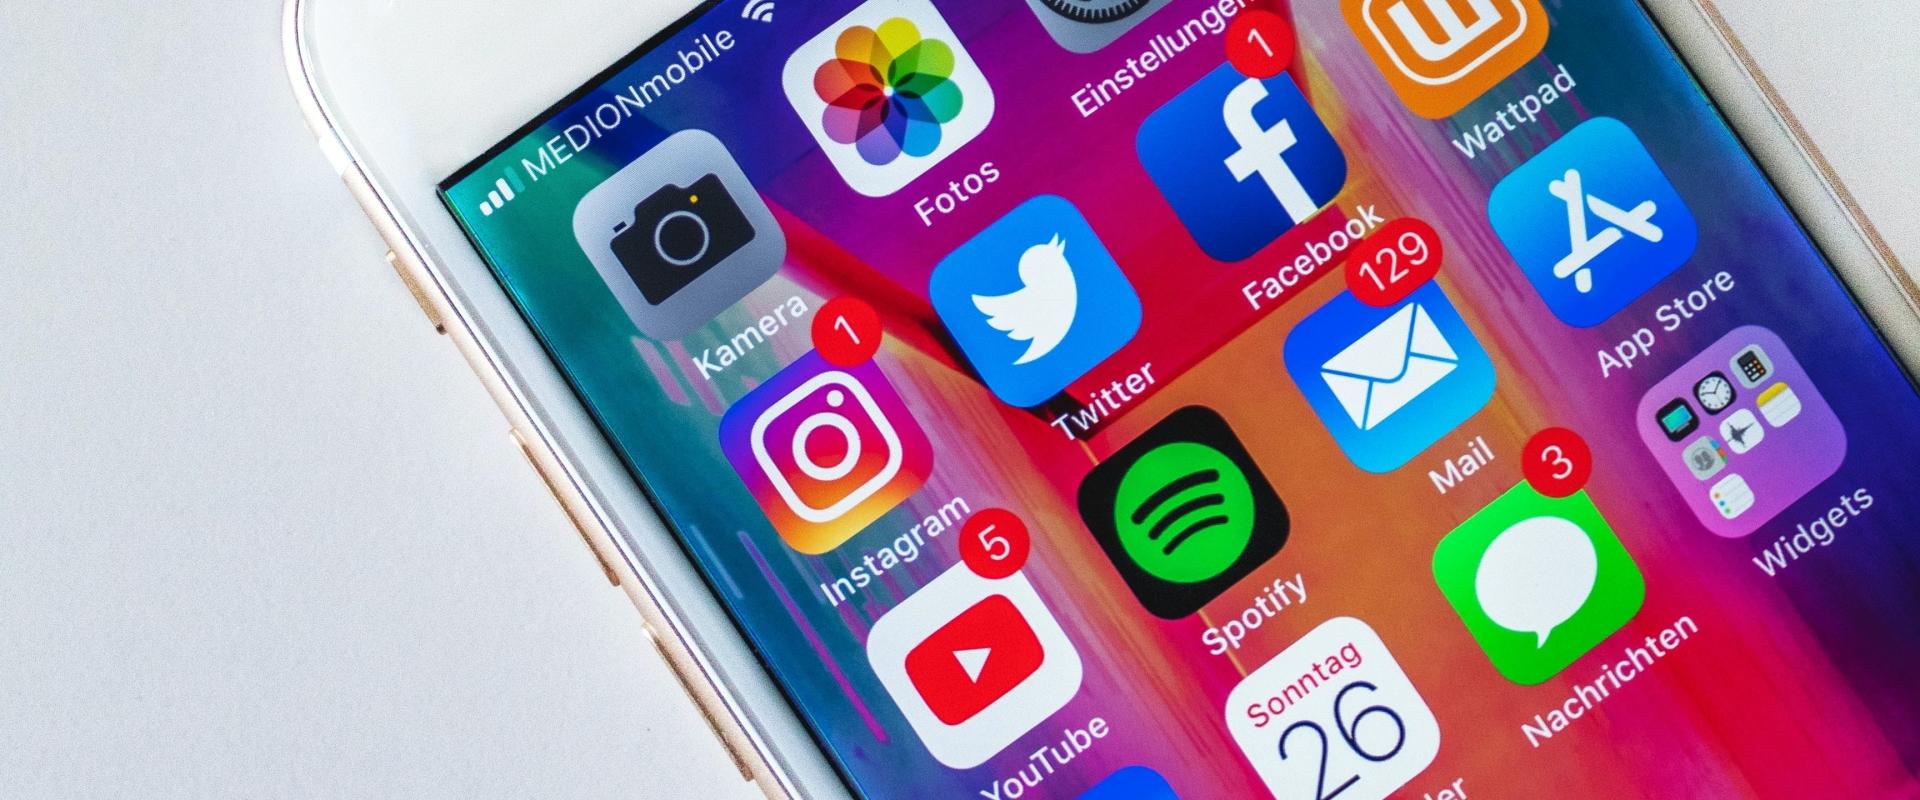 De onderschatte invloed van je telefoongebruik op een gezonde leefstijl